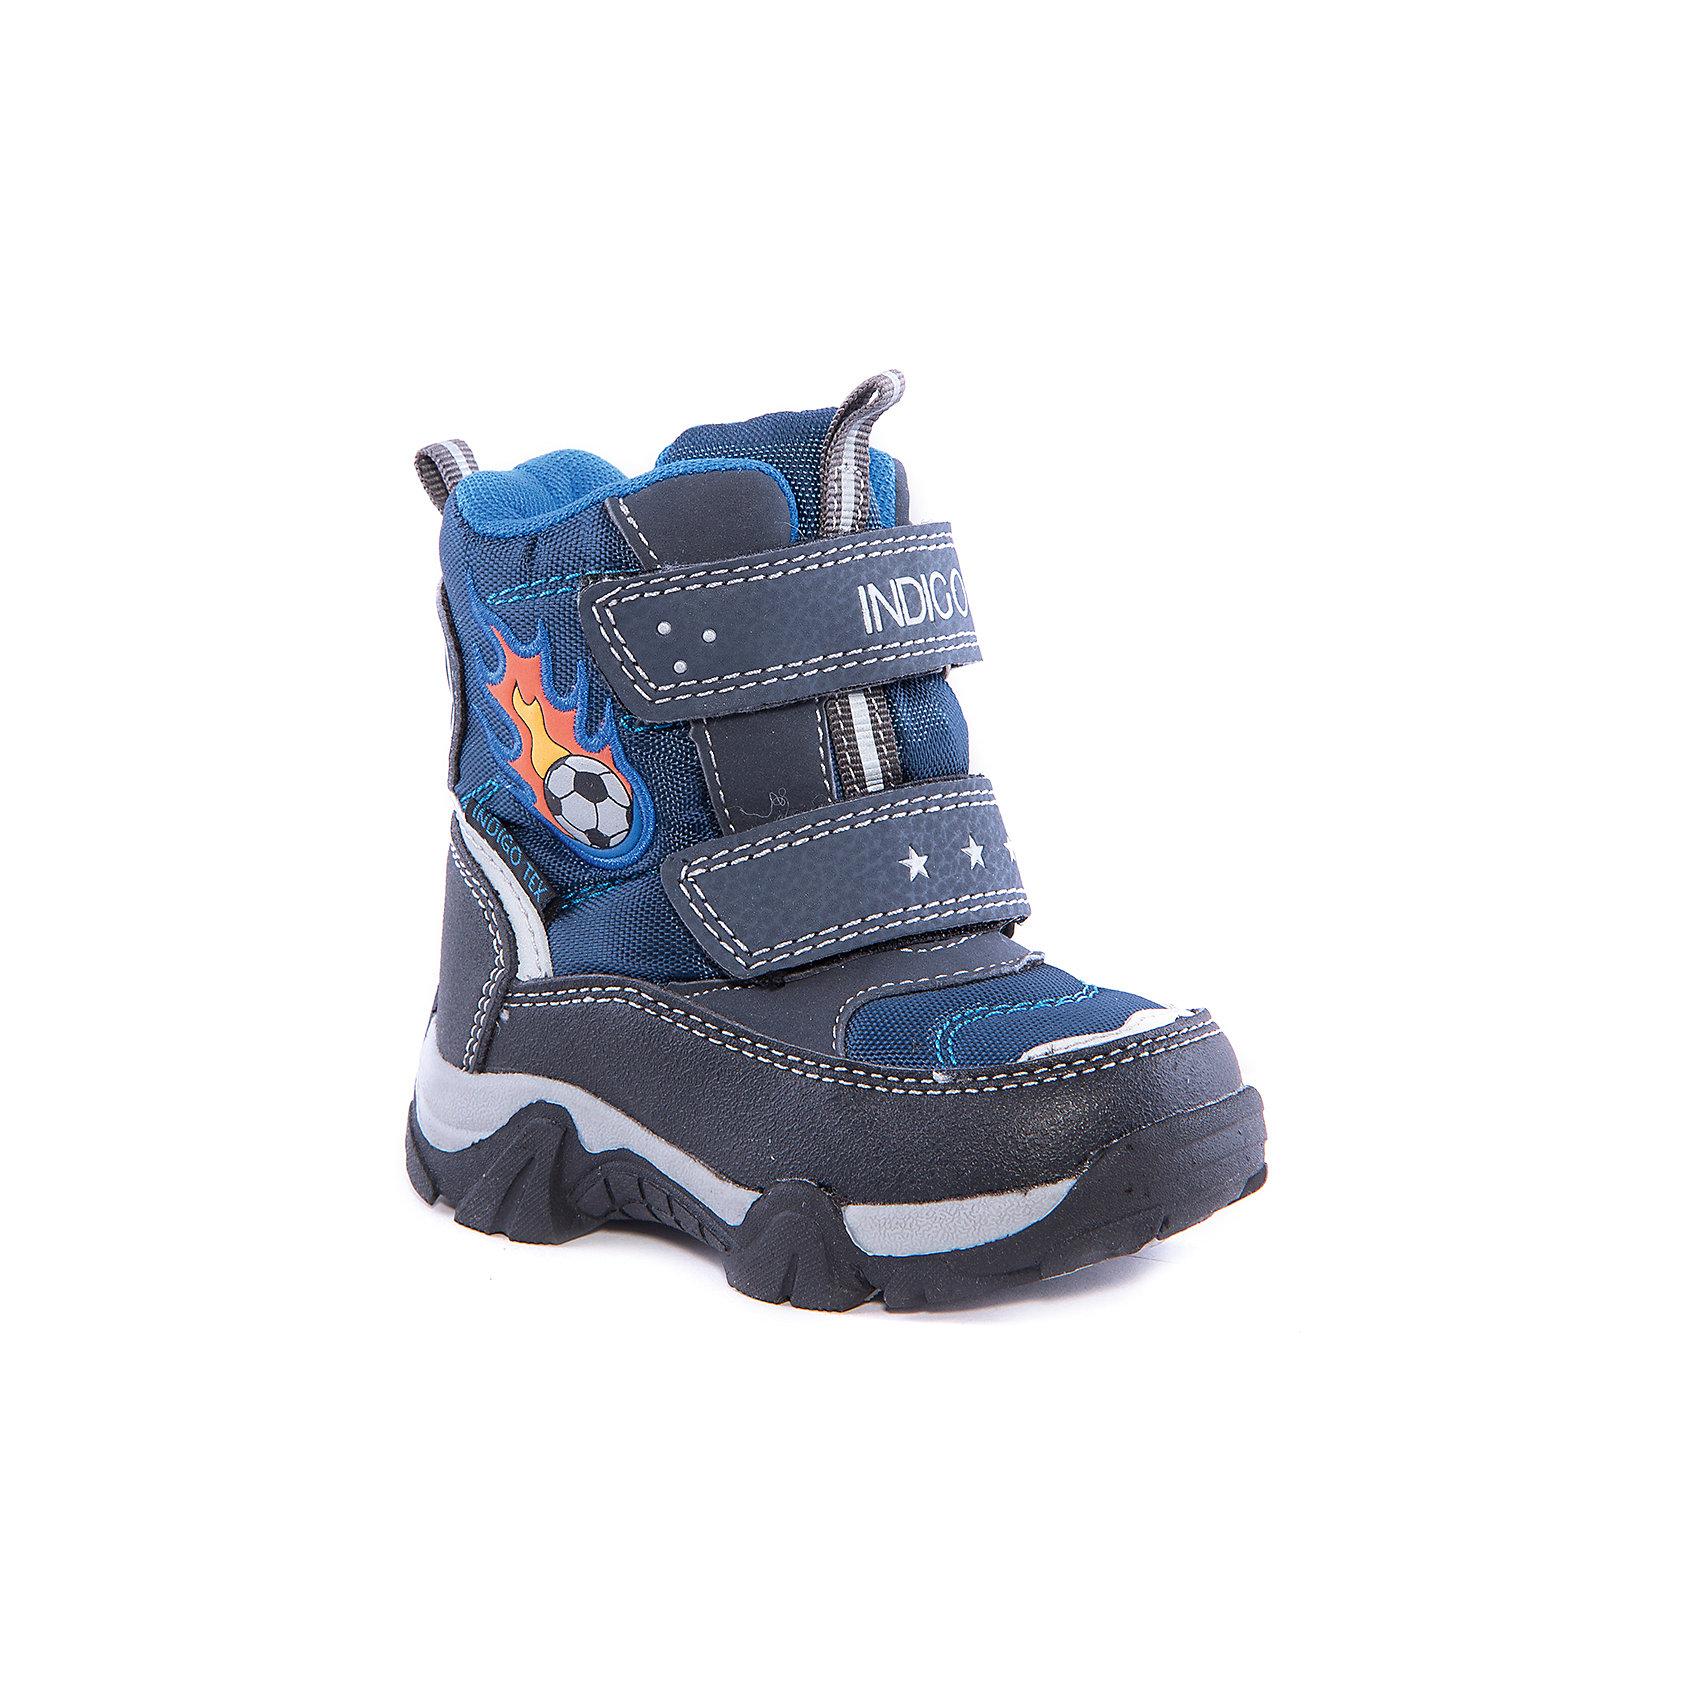 Ботинки для мальчика Indigo kidsБотинки<br>Обувь для детей требует особого внимания: она предназначается для самых взыскательных покупателей и самых маленьких потребителей – родителей и детей. Дизайнеры и технологи, занимающиеся разработкой обуви для детей, учитывают особенности развивающейся детской стопы, поэтому, приобретая «Индиго Кидс»,  Вы можете быть уверены – она действительно создана специально для детей. Каждая модель обладает профилактической стелькой из натуральной кожи, способствующей правильному формированию стопы ребенка. <br><br>Состав:<br>Материал верха: Текстиль/Искусственная кожа<br>Материал подклада: Шерсть<br>Стелька: Шерсть<br>Подошва: ТЭП<br><br>Ширина мм: 262<br>Глубина мм: 176<br>Высота мм: 97<br>Вес г: 427<br>Цвет: синий<br>Возраст от месяцев: 15<br>Возраст до месяцев: 18<br>Пол: Мужской<br>Возраст: Детский<br>Размер: 22,21,24,26,25,23<br>SKU: 4262343